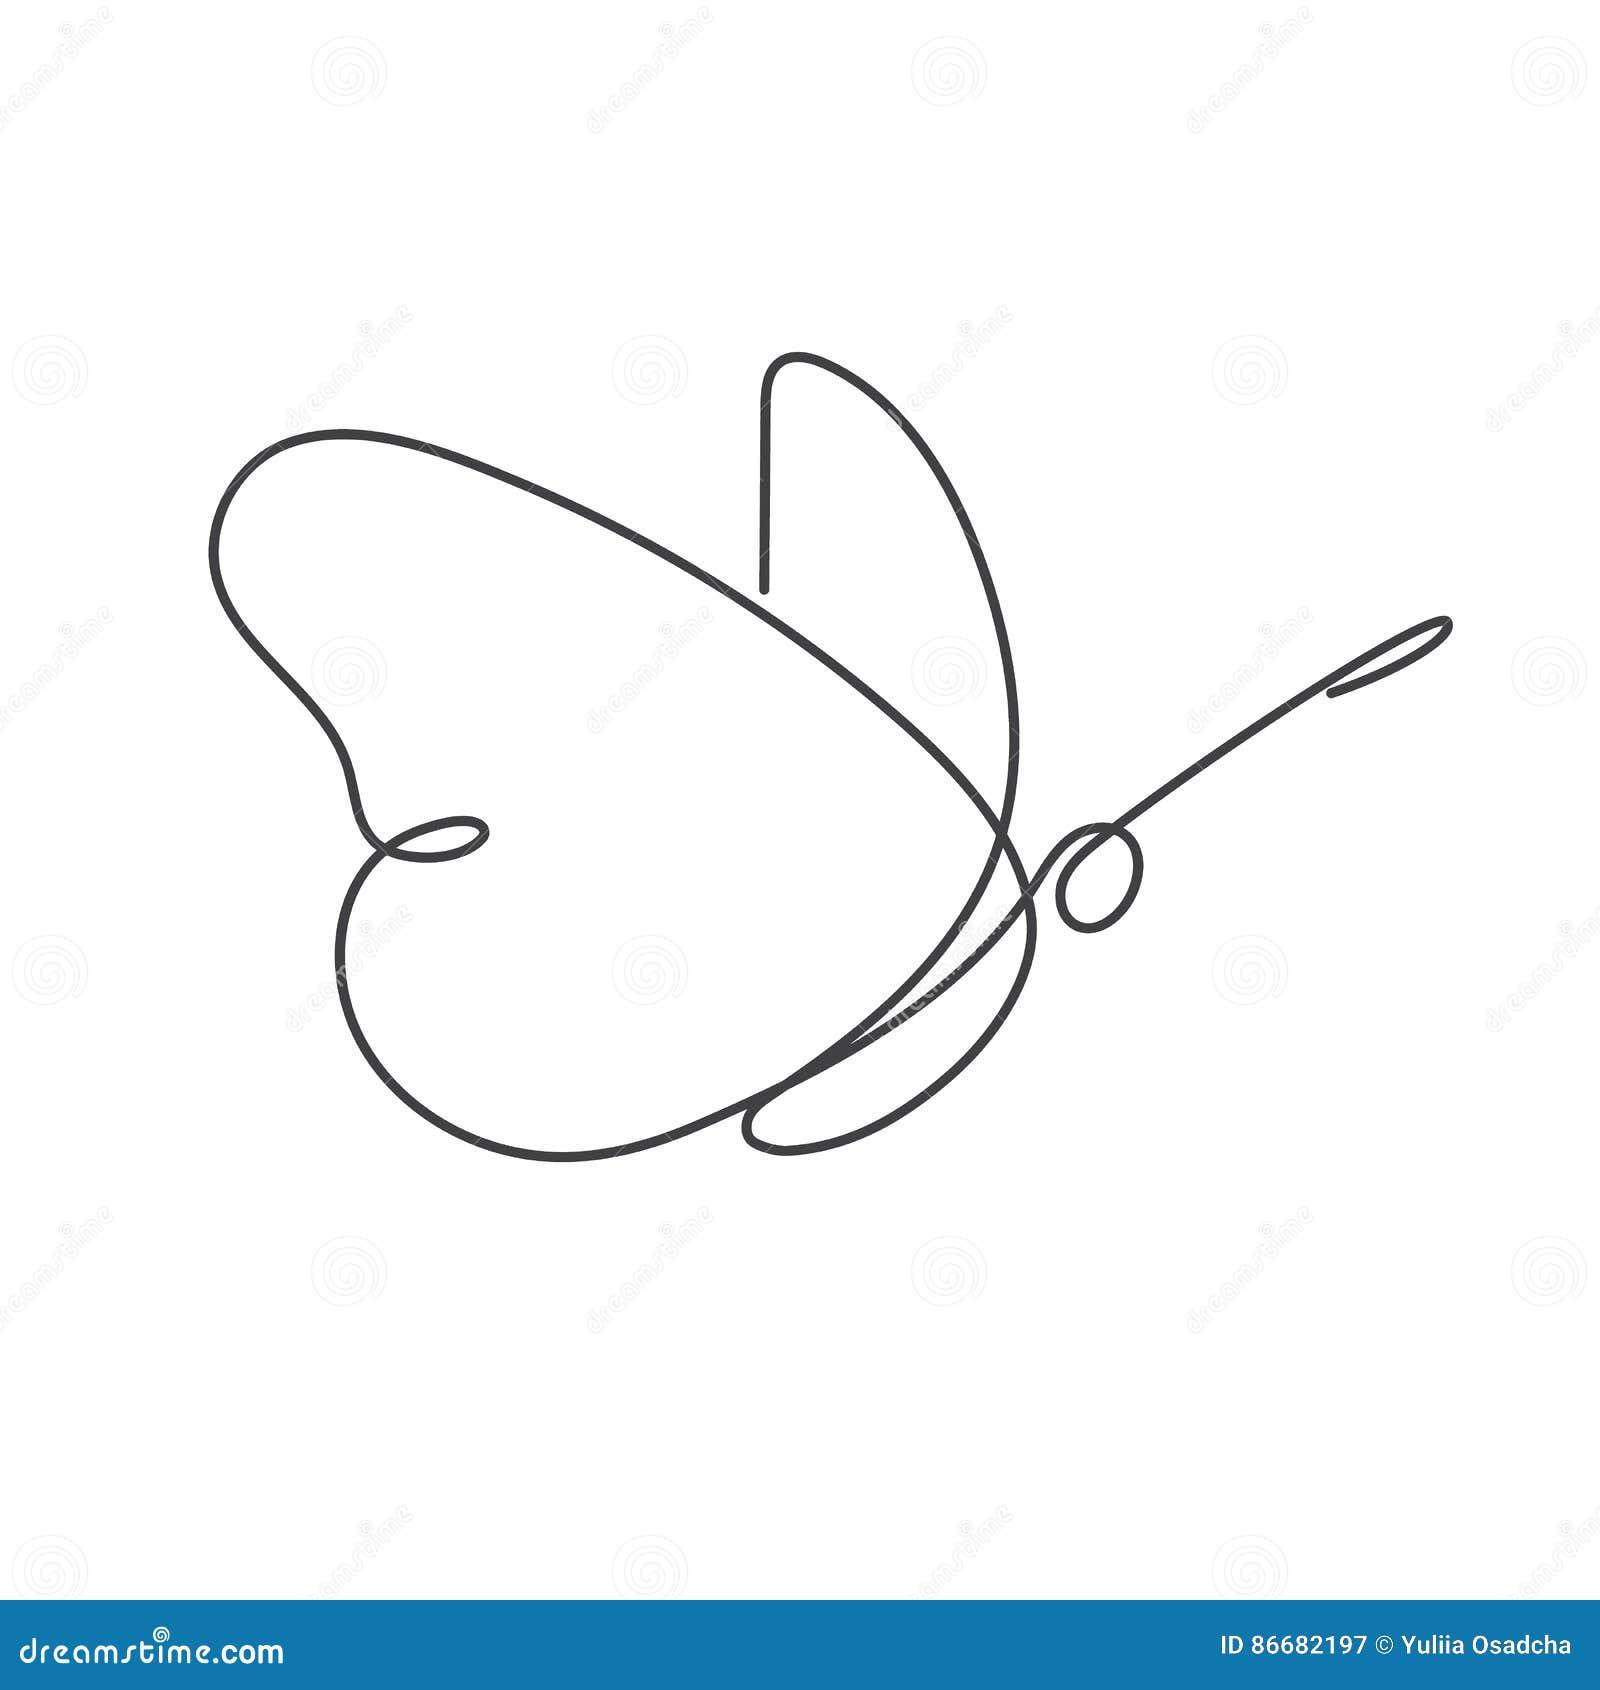 C Drawing Smooth Lines : Línea continua dibujo lineal del blanco uno de la mariposa